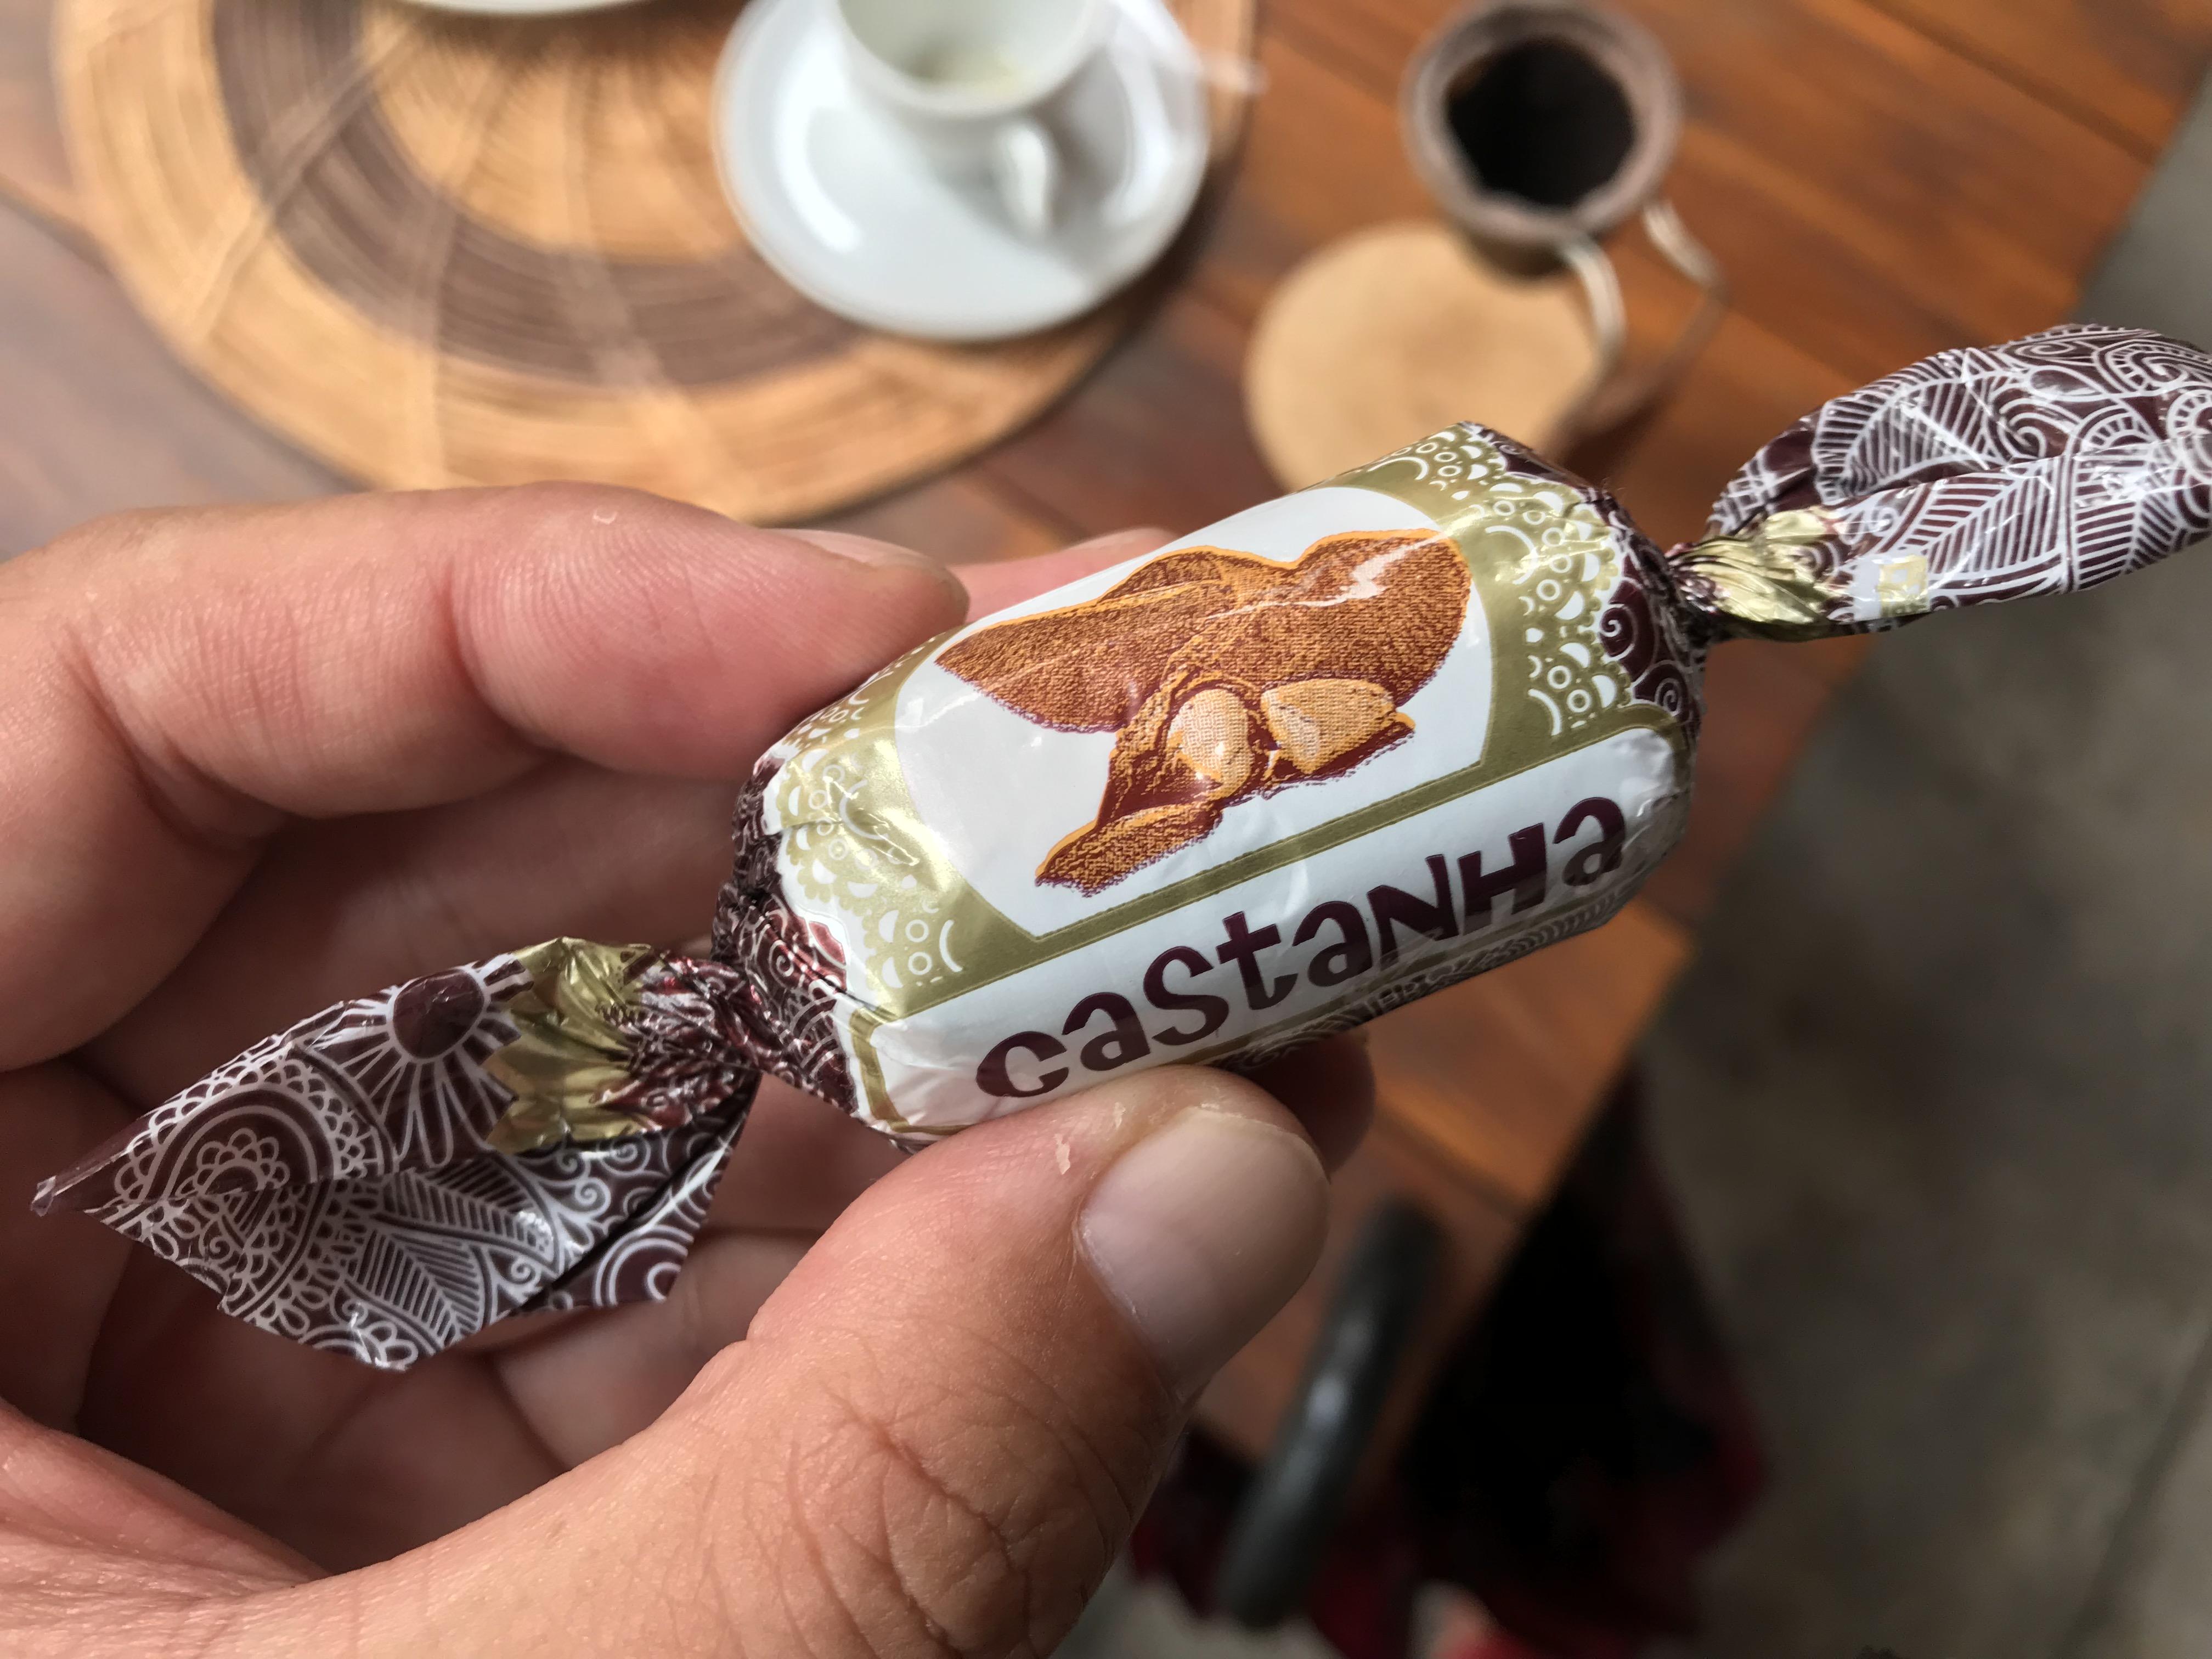 Manausマナウス